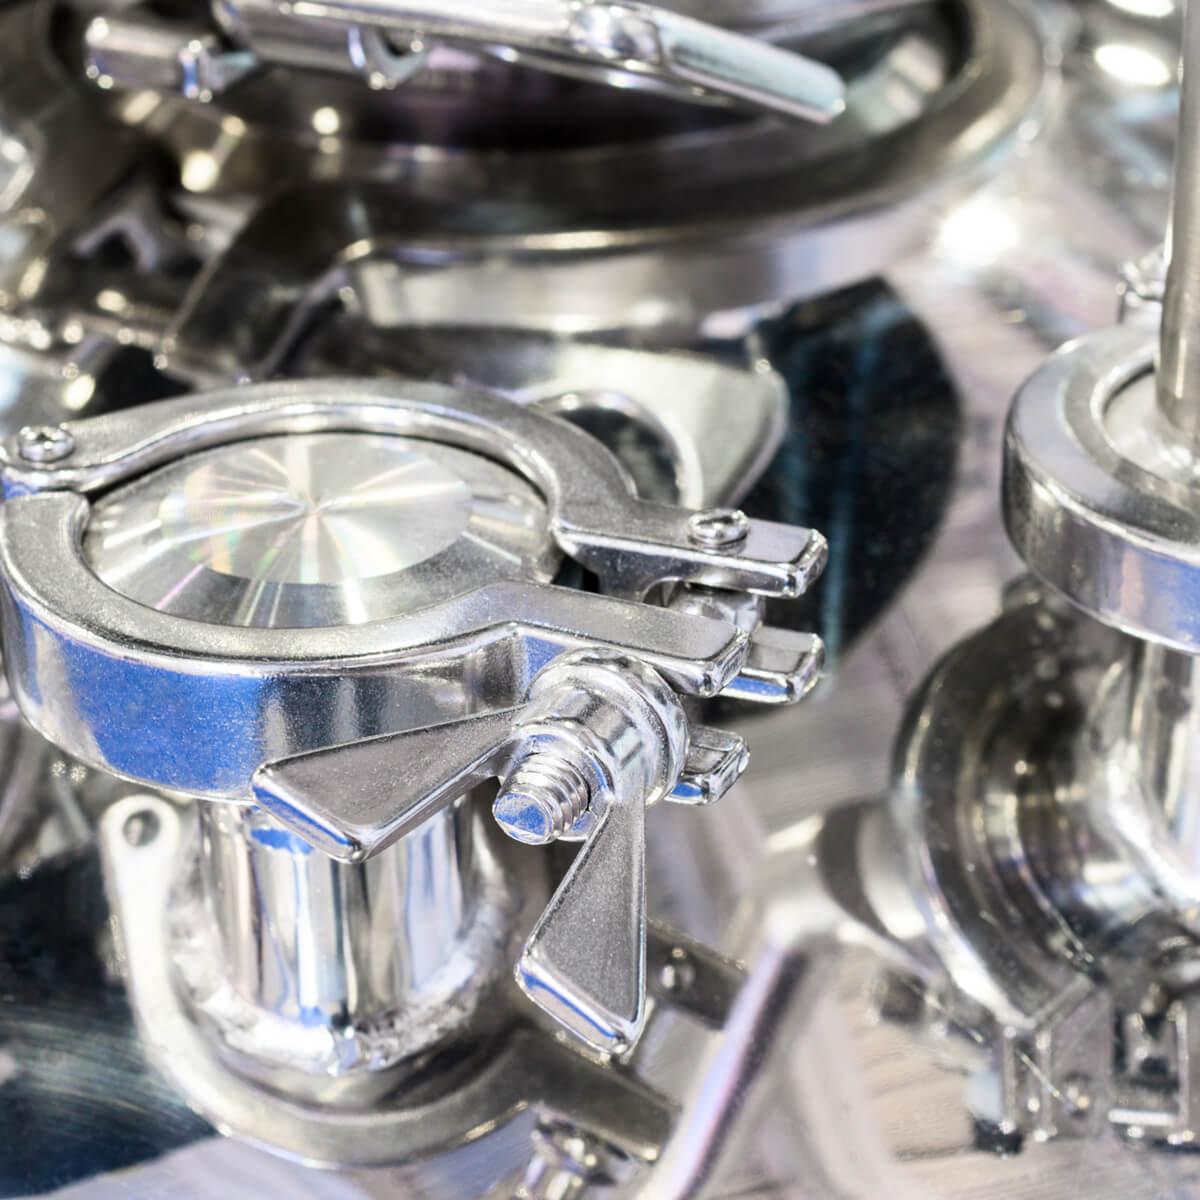 <ul> <li>الرفع إلى المستوى الصناعي للتطورات التي سبق الحصول عليها في المختبر</li> <li>الحصول على الكتل الحيوية والمواد الطافية باستخدام المبيدات الحيوية، مضادات الفطريات والمحفزات الحيوية وغيرها</li> <li>توليد البادئات بكميات كبيرة لتخمير الطبقة الأساس الصلبة على نطاق واسع</li> </ul>